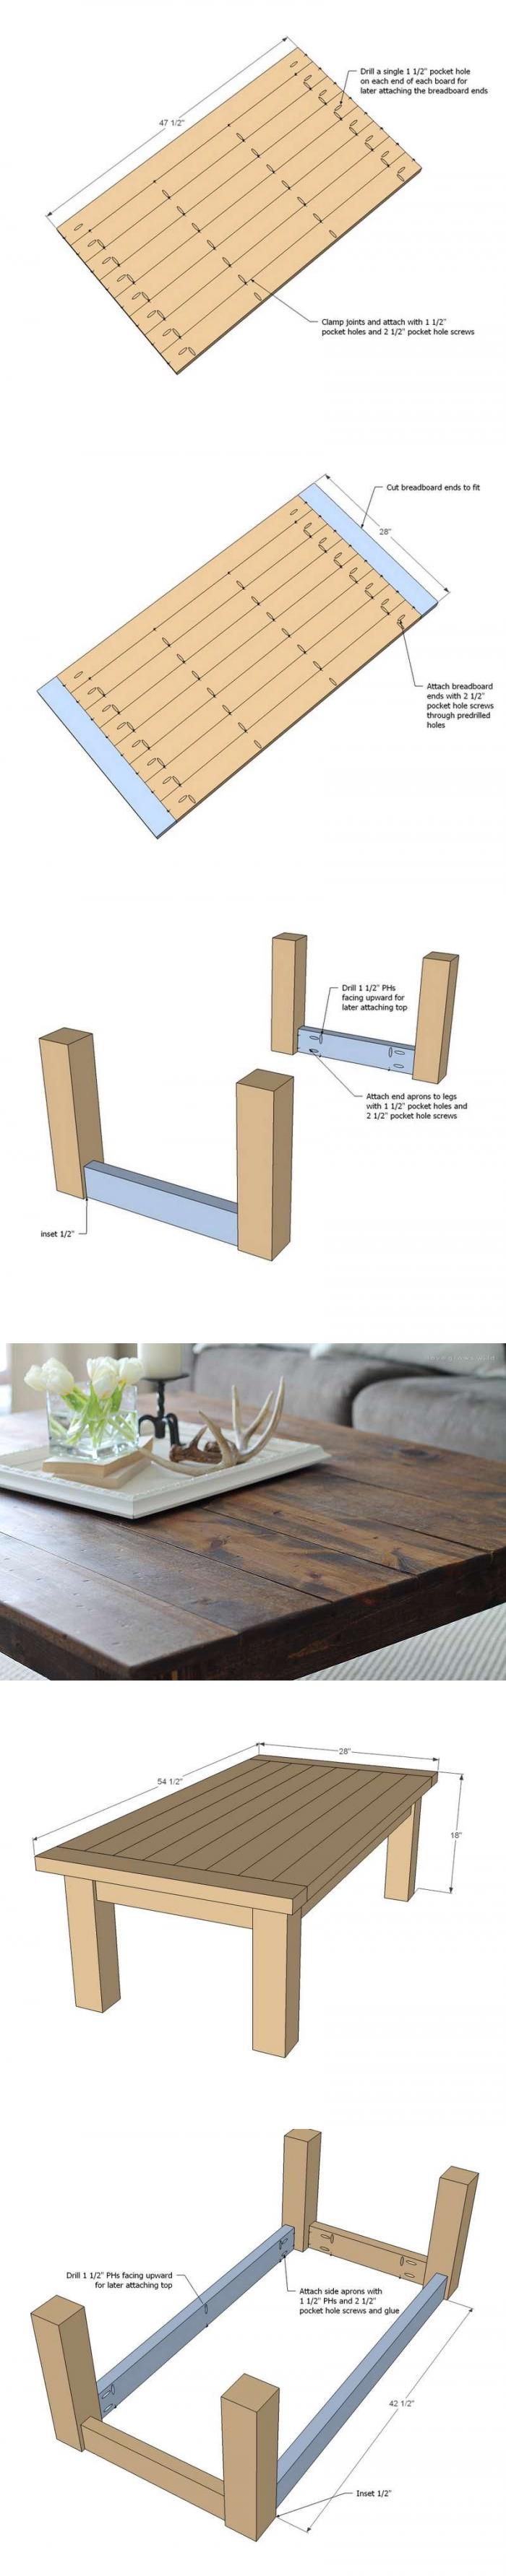 Бильярдный стол своими руками пошаговая инструкция